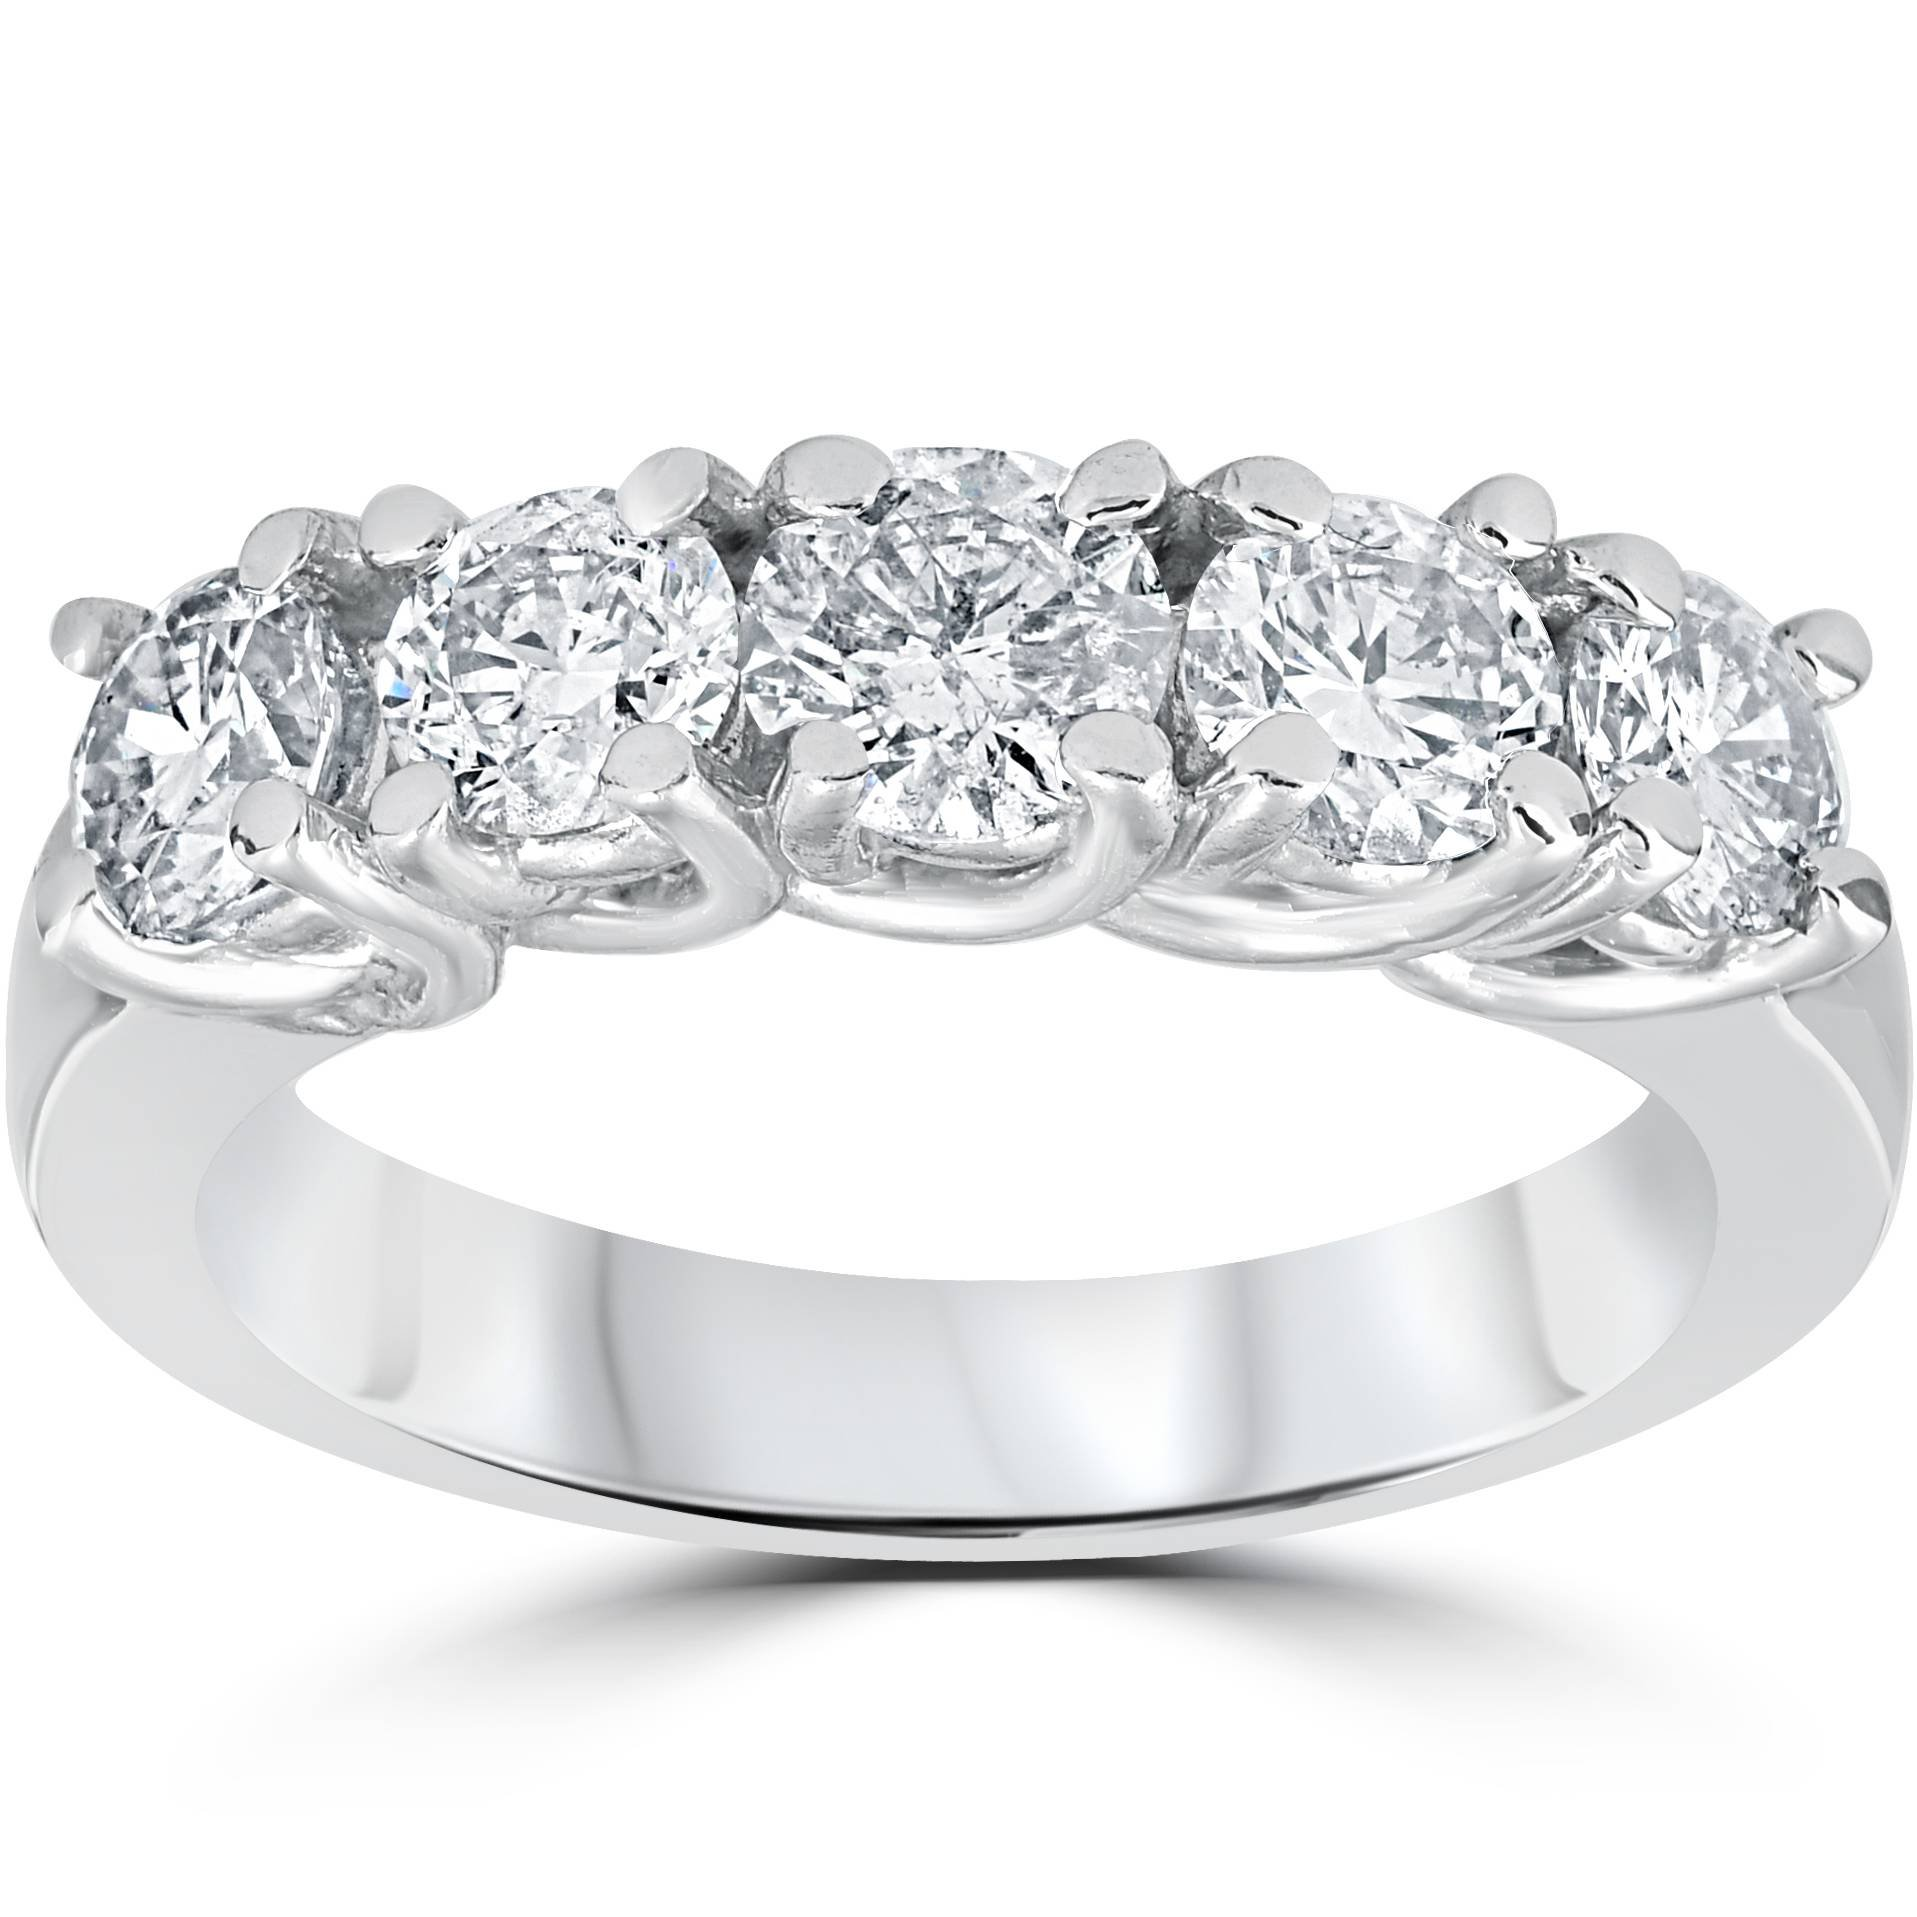 1 1/2ct Diamond Wedding Anniversary Band 14k White Gold Ring